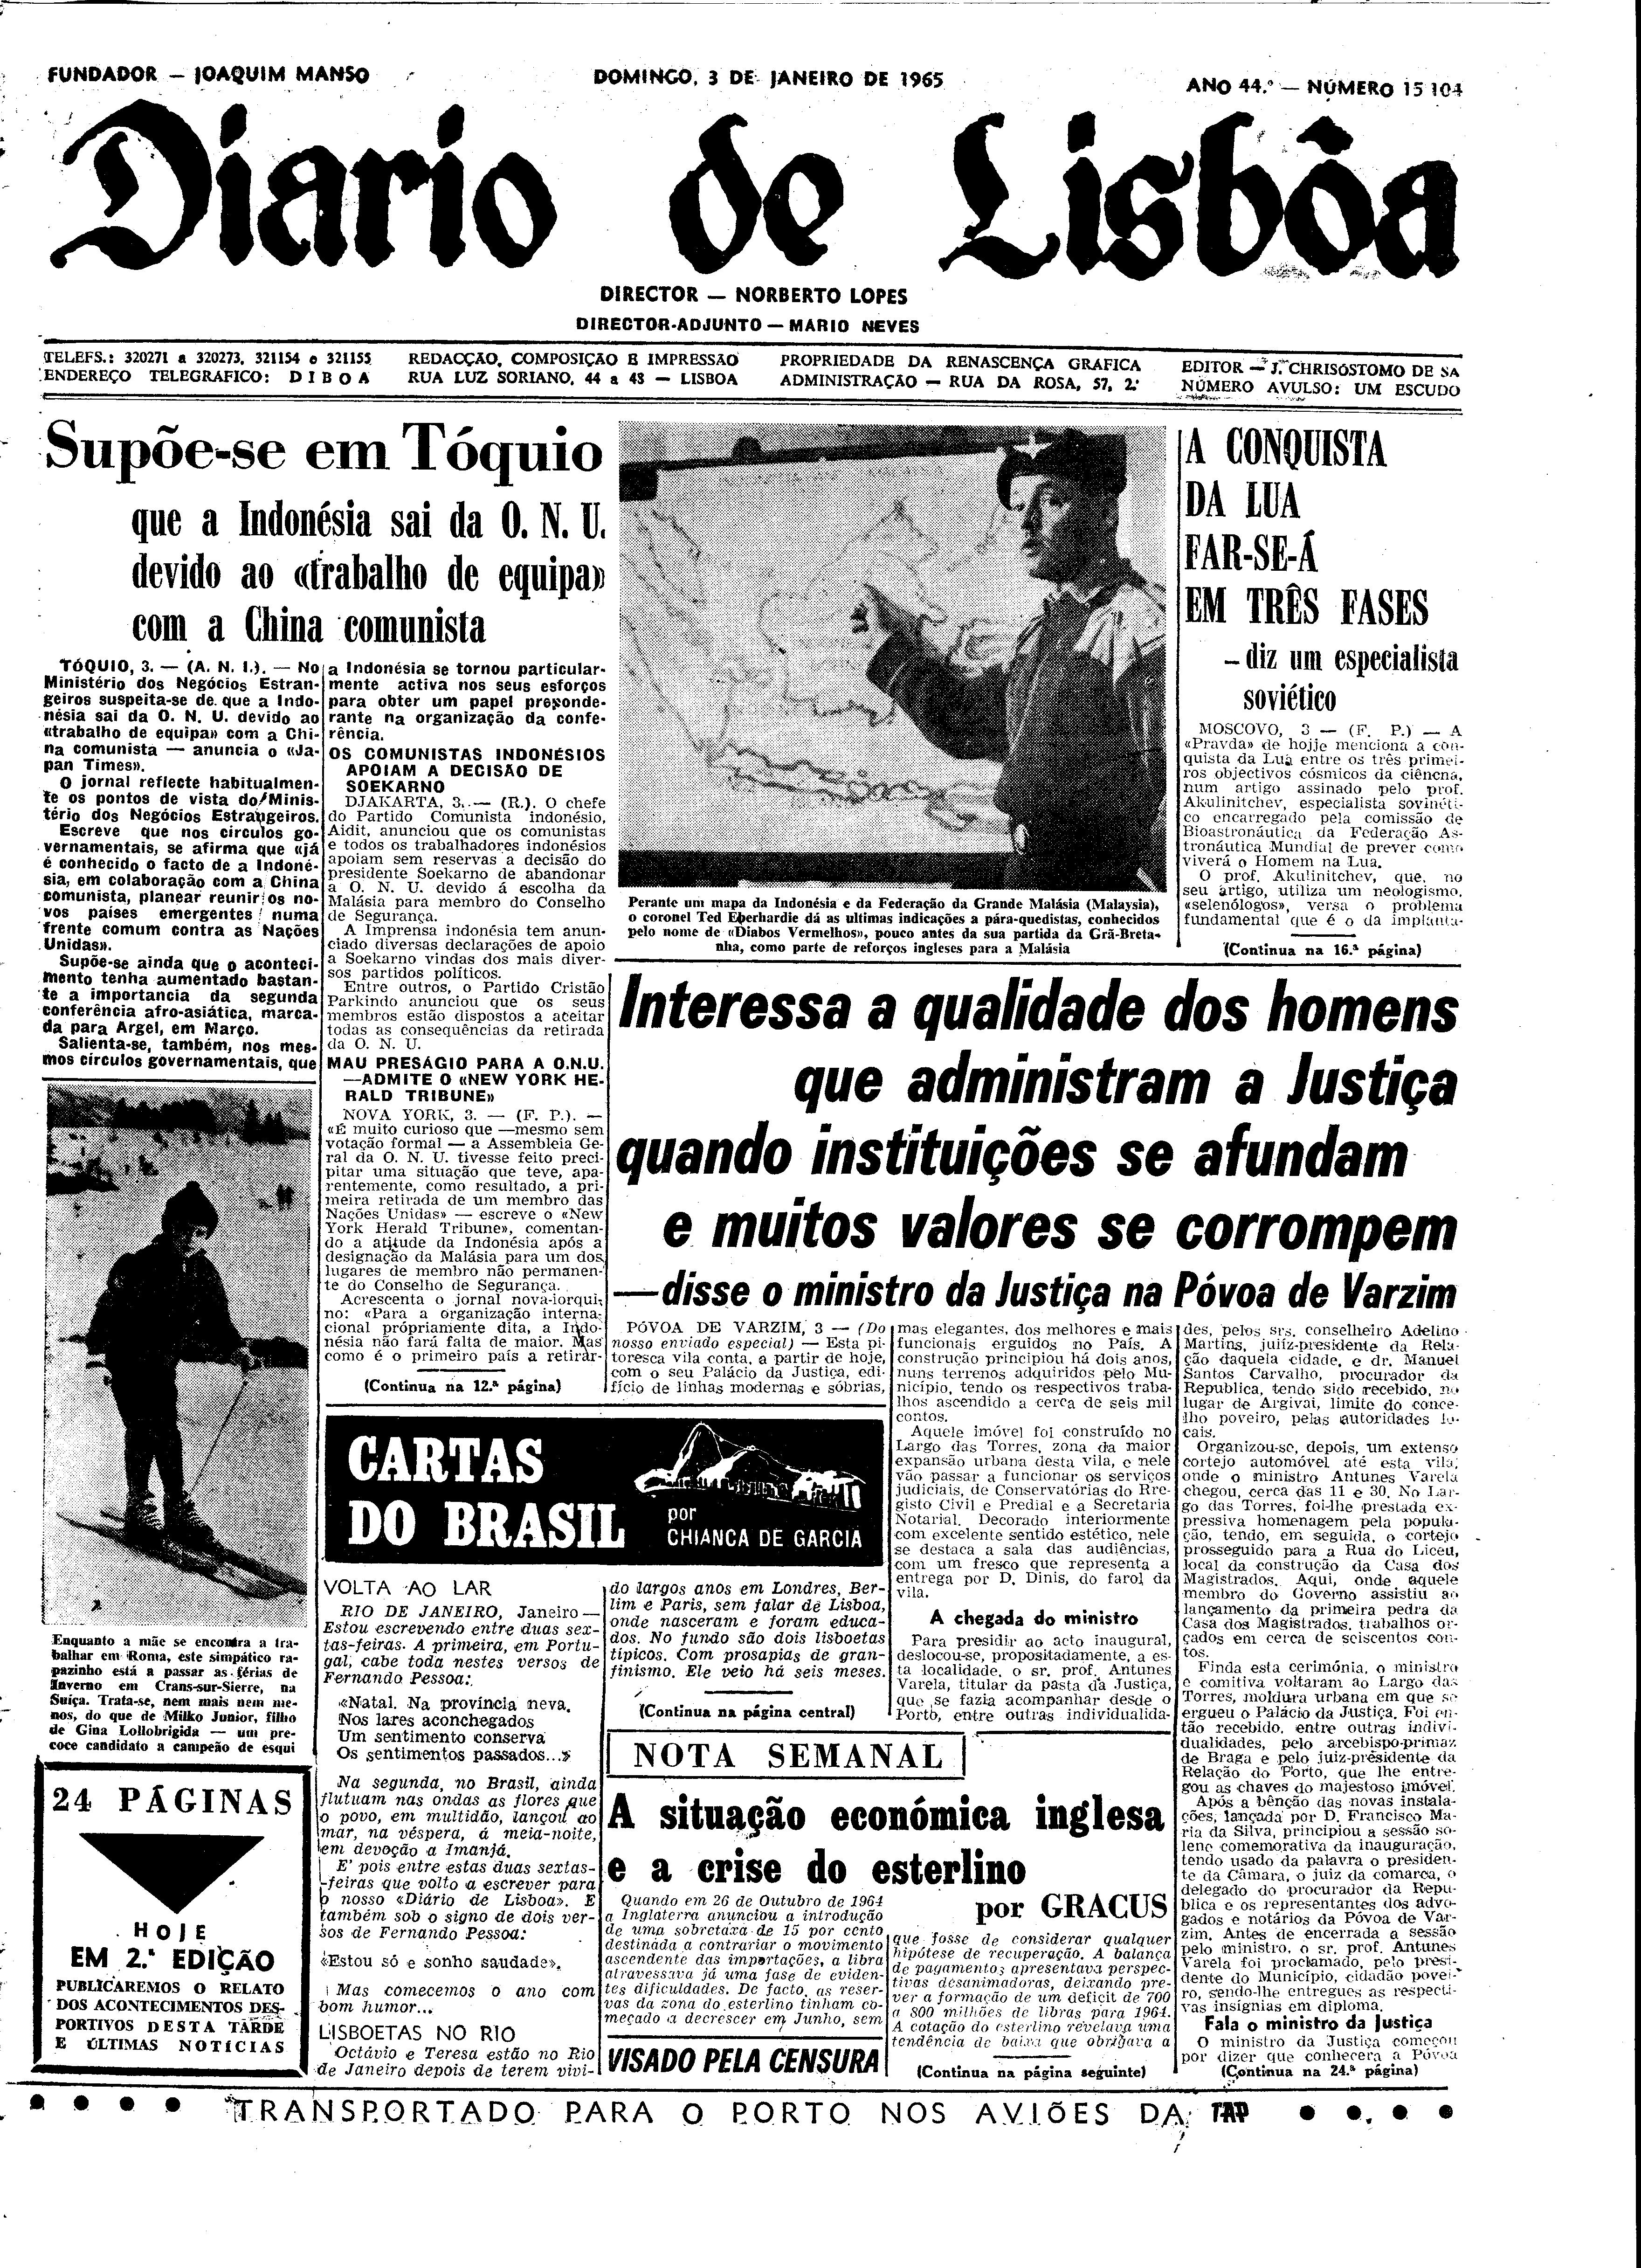 06557.095.19301- pag.1